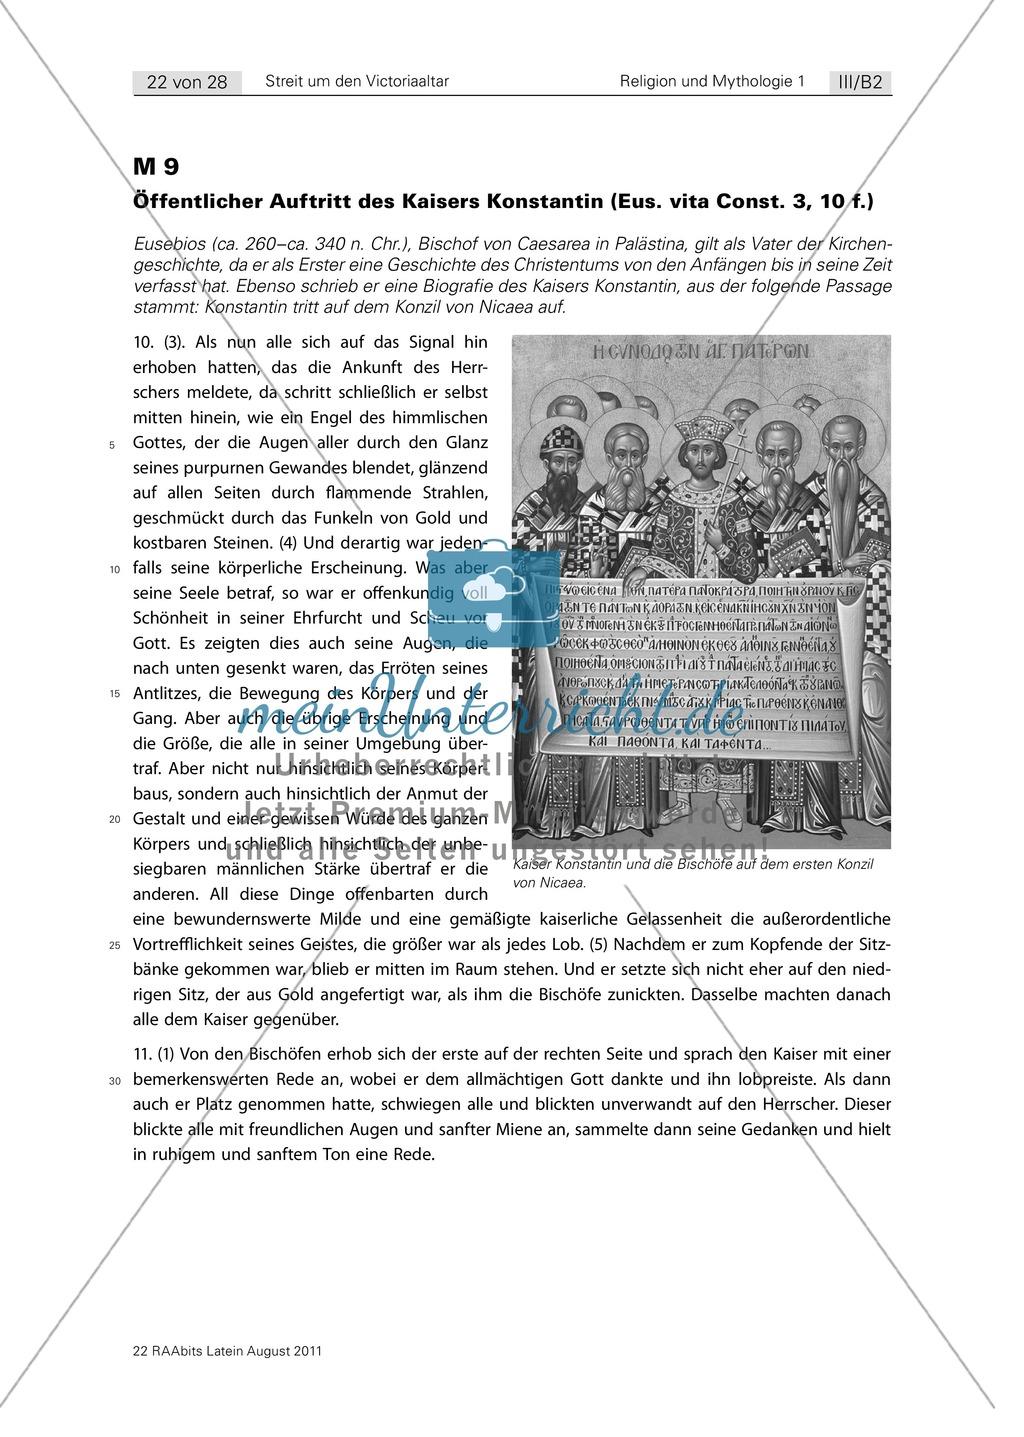 Die Protagonisten im Streit um den Victoriaaltar: Die Argumente des Symachus, Ambrosius und spätantiker Kaiser im Vergleich. Eine Gruppenarbeit mit Erarbeitung, Debatte und Zusammenfassung der tatsächlichen Ereignisse. Mit didaktischen Anmerkungen. Preview 10